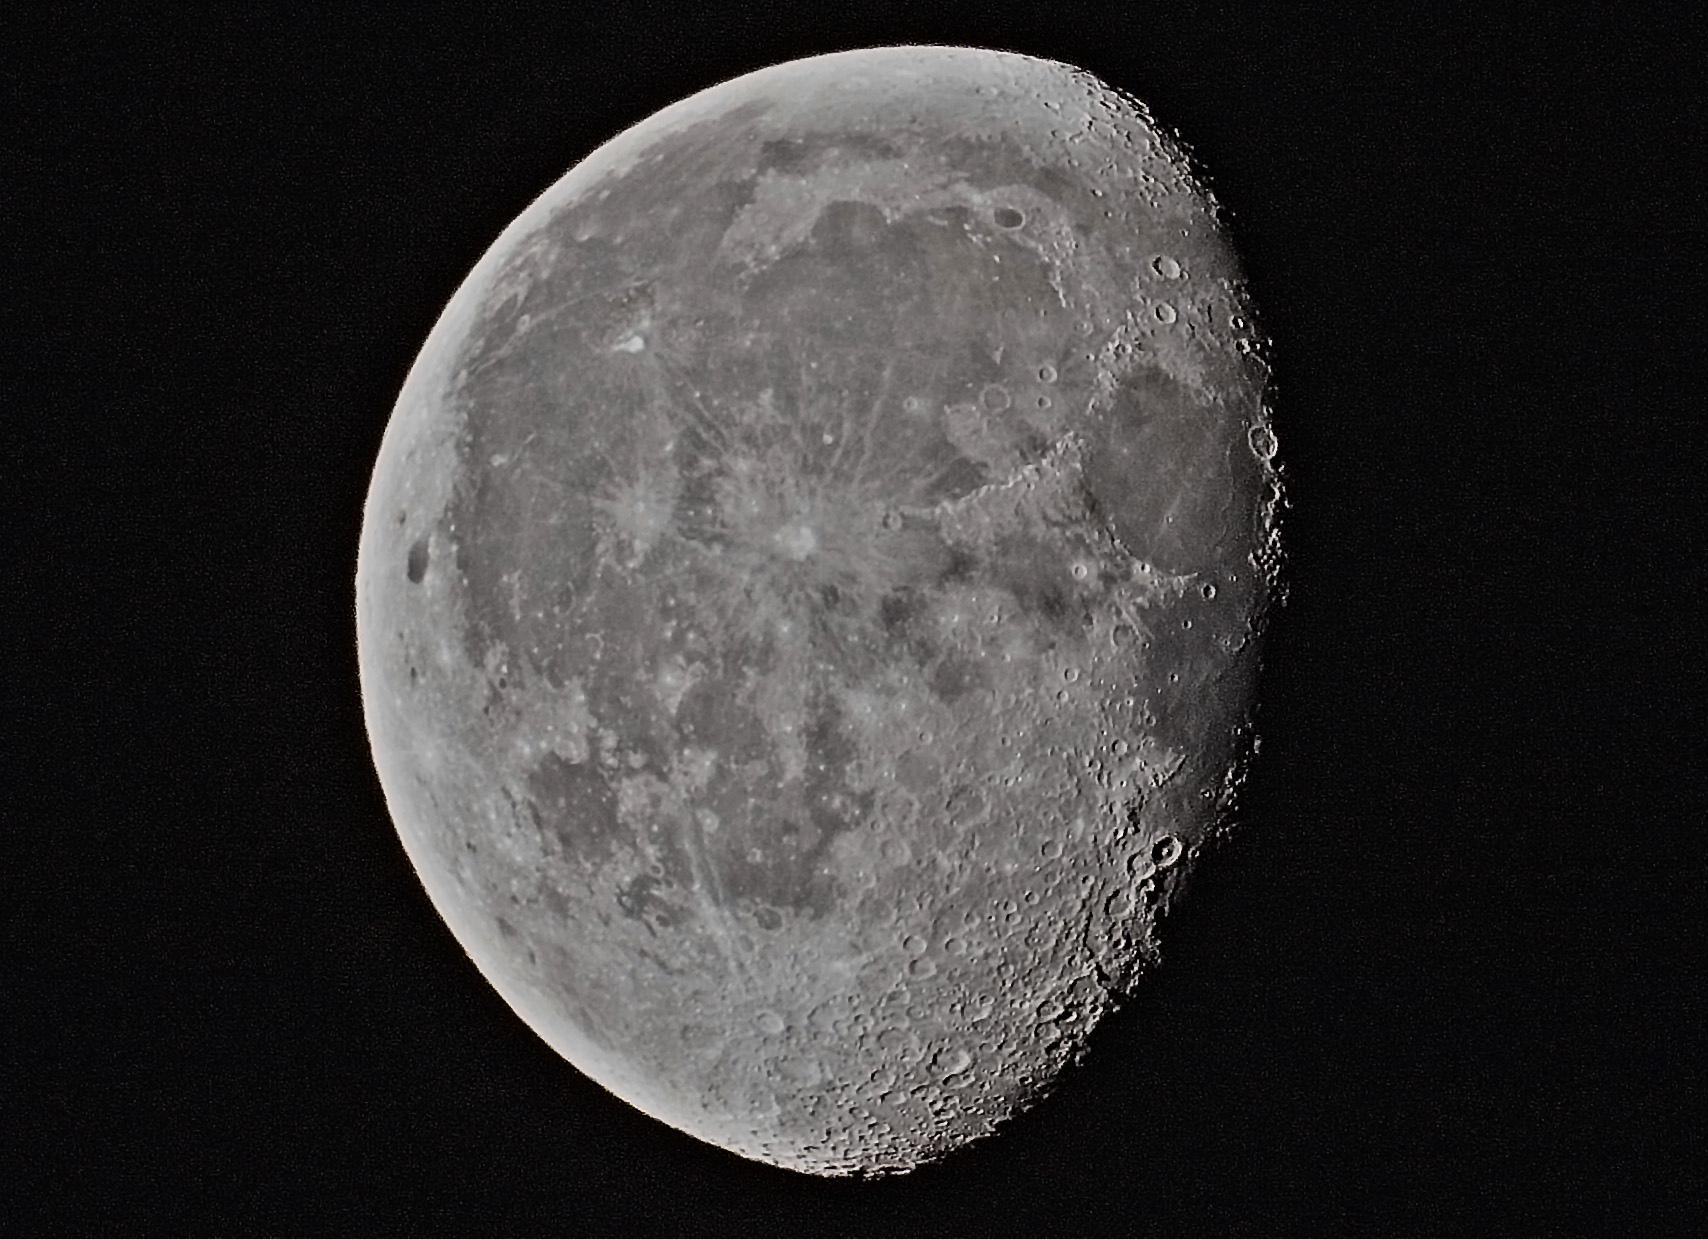 lune180919.jpg.5904262039bb60a78c9eaa11fa690813.jpg